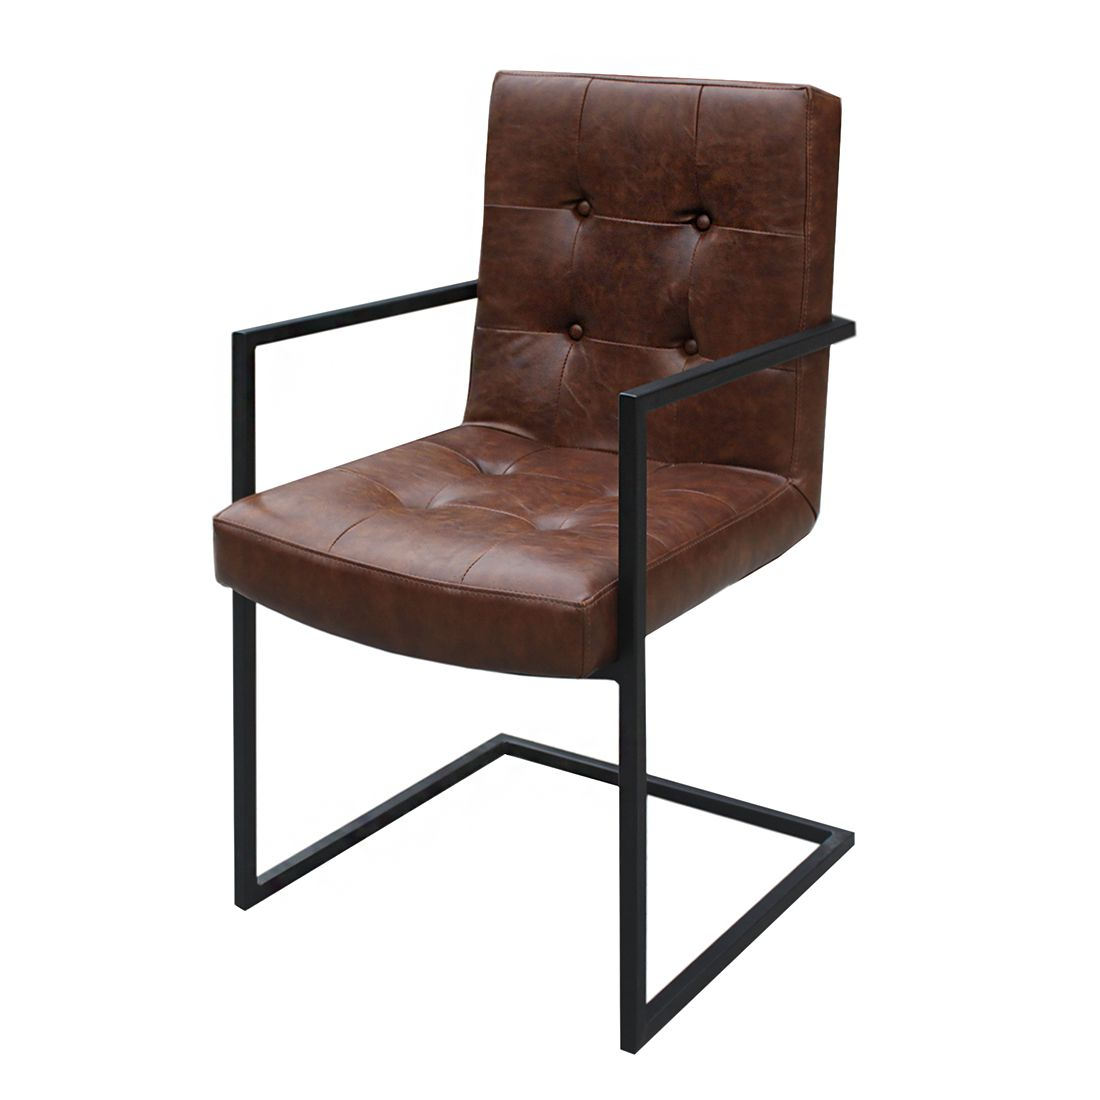 freischwinger online kaufen m bel suchmaschine. Black Bedroom Furniture Sets. Home Design Ideas